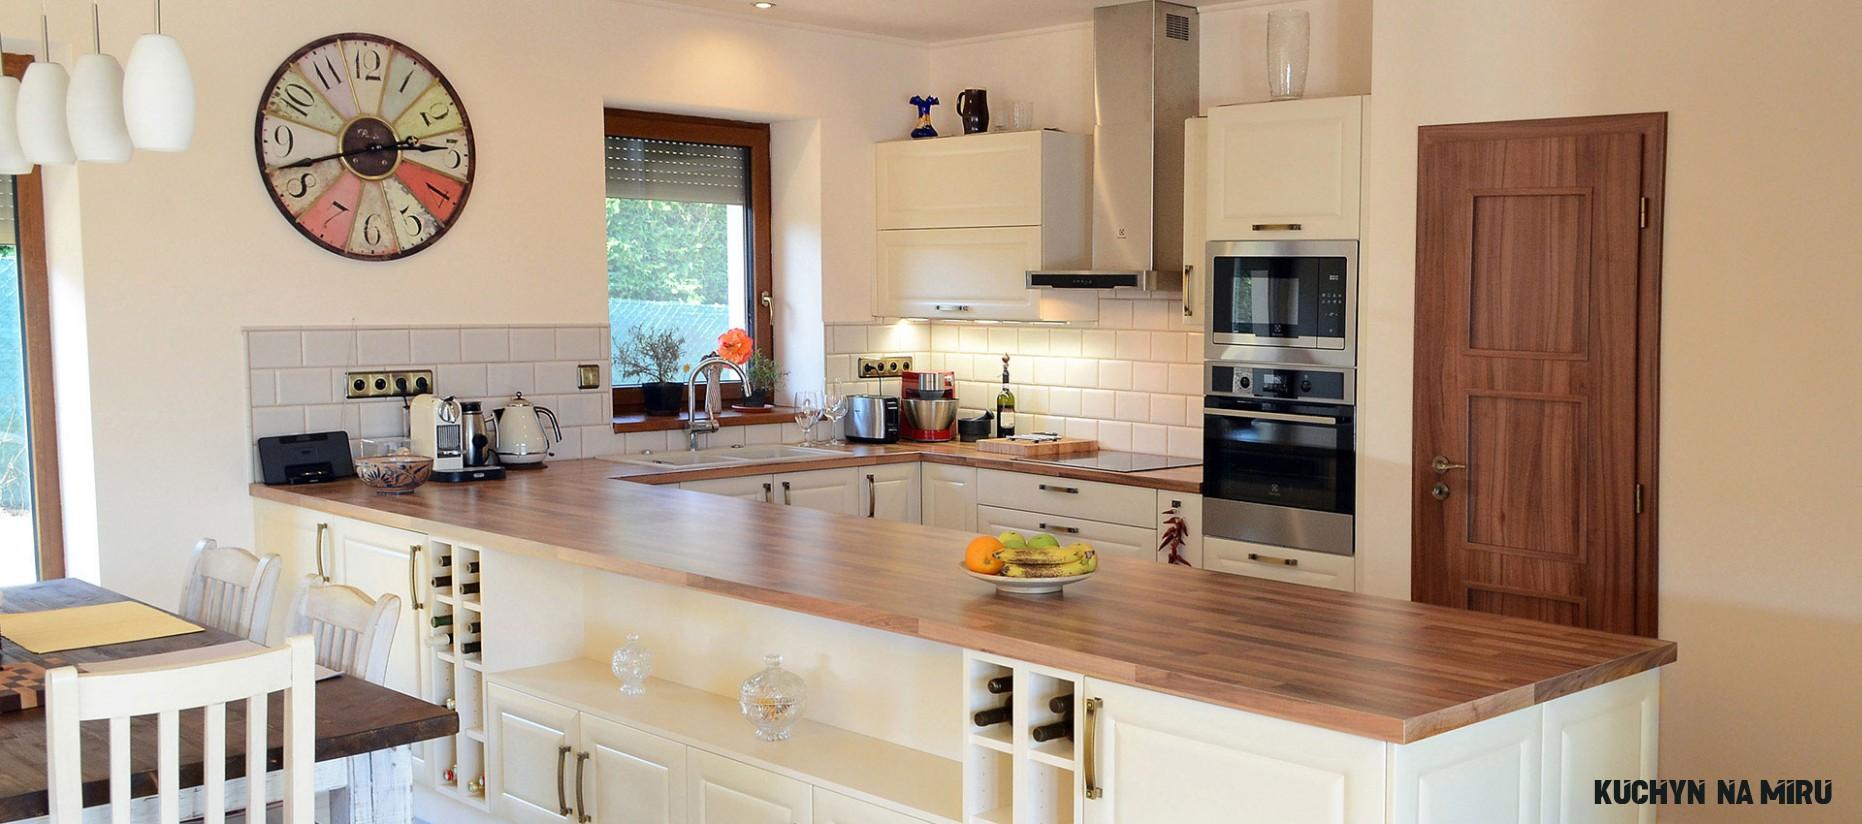 Kuchyně na míru - nyní SLEVA 15 %  JN Interier